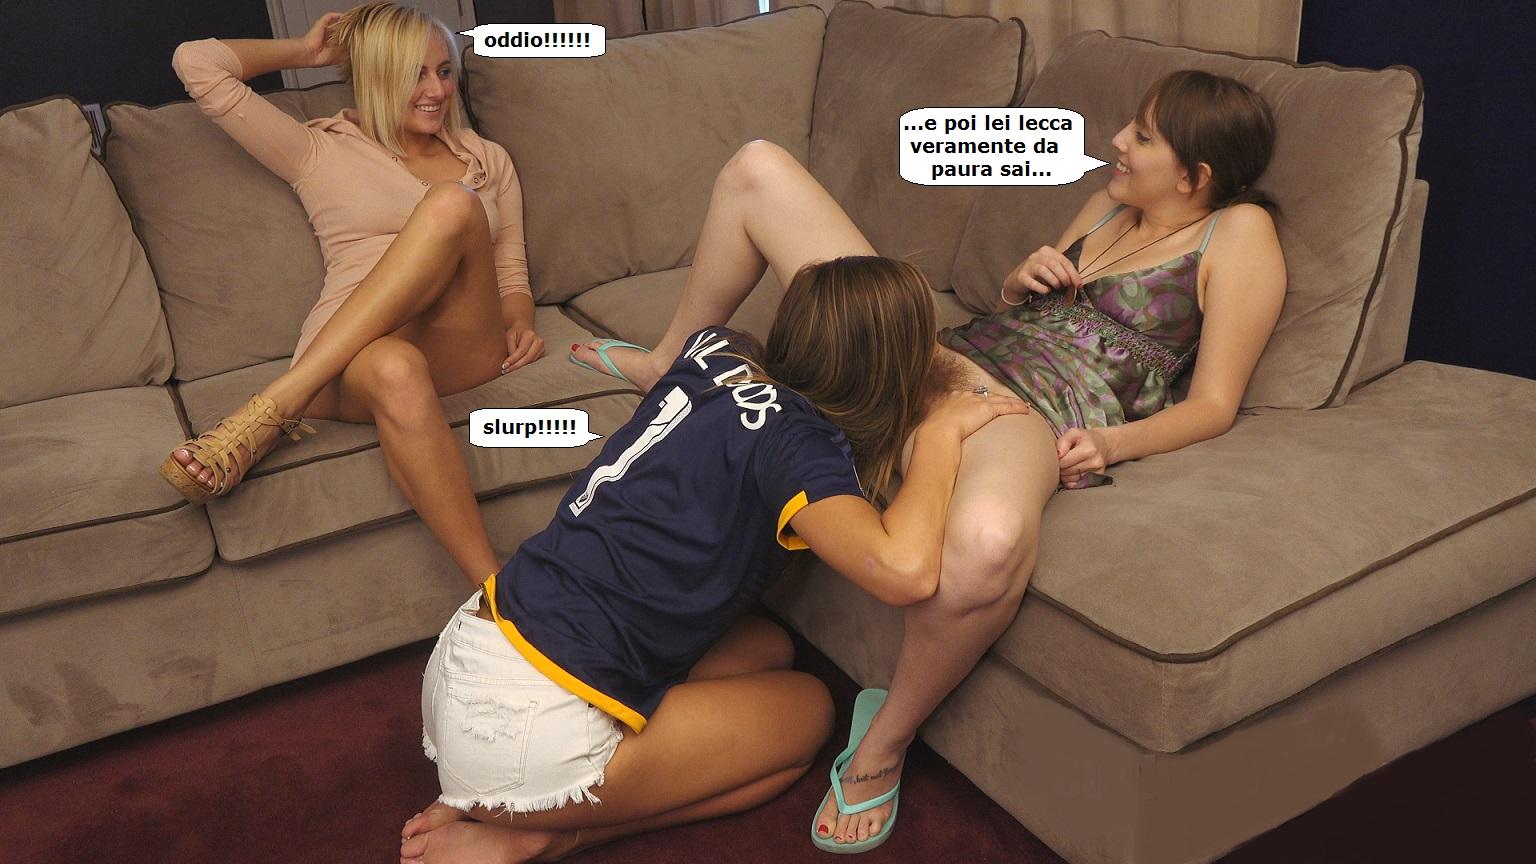 donne lesbiche nude con vibratore